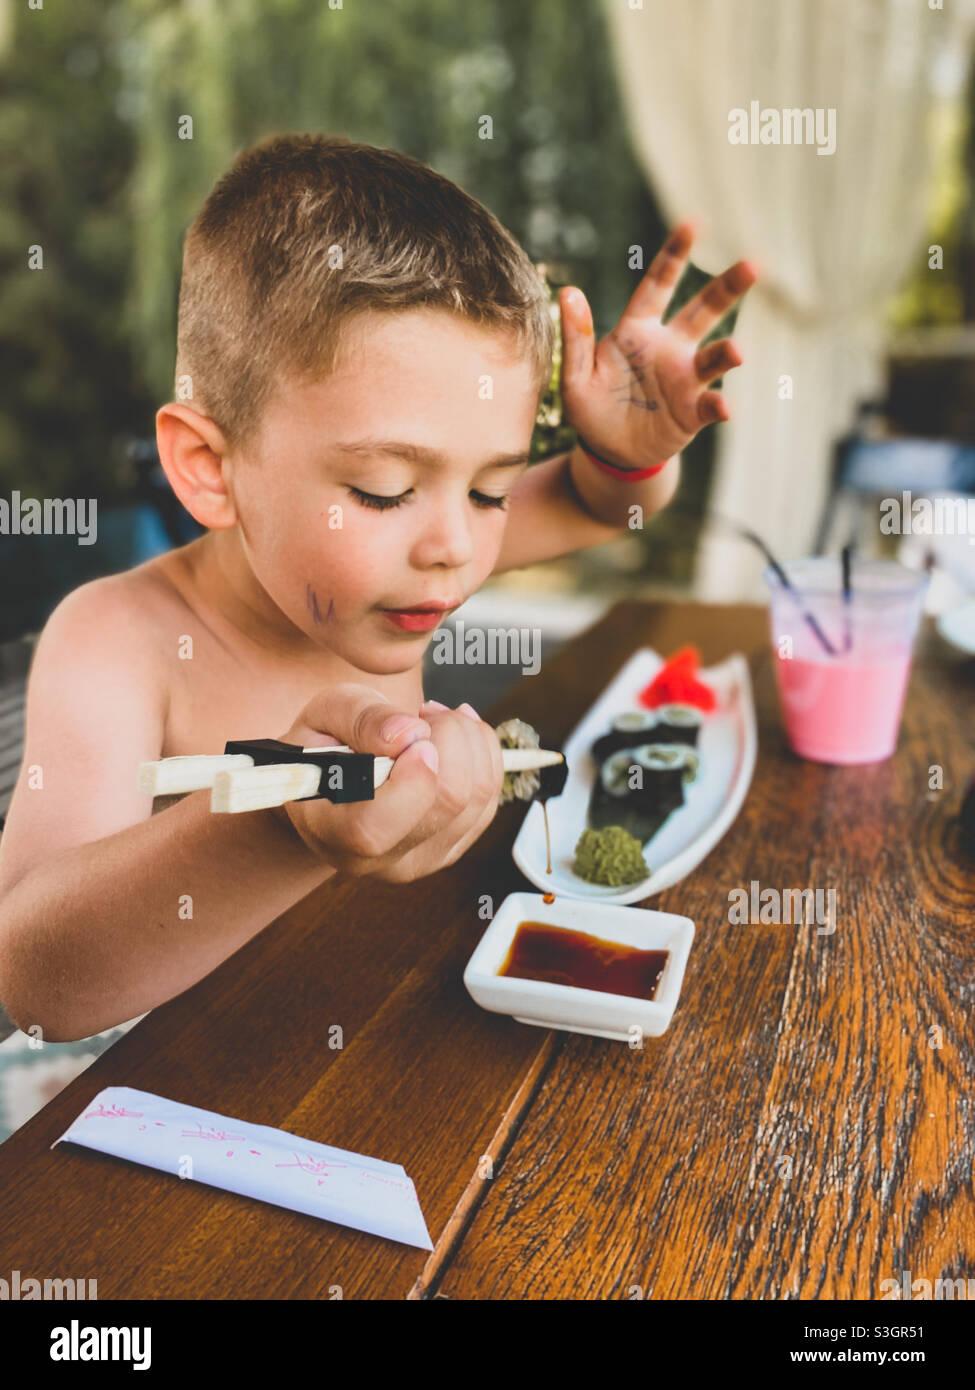 Fünf Jahre alter Junge, der draußen Sushi isst und einen Milchshake trinkt Stockfoto